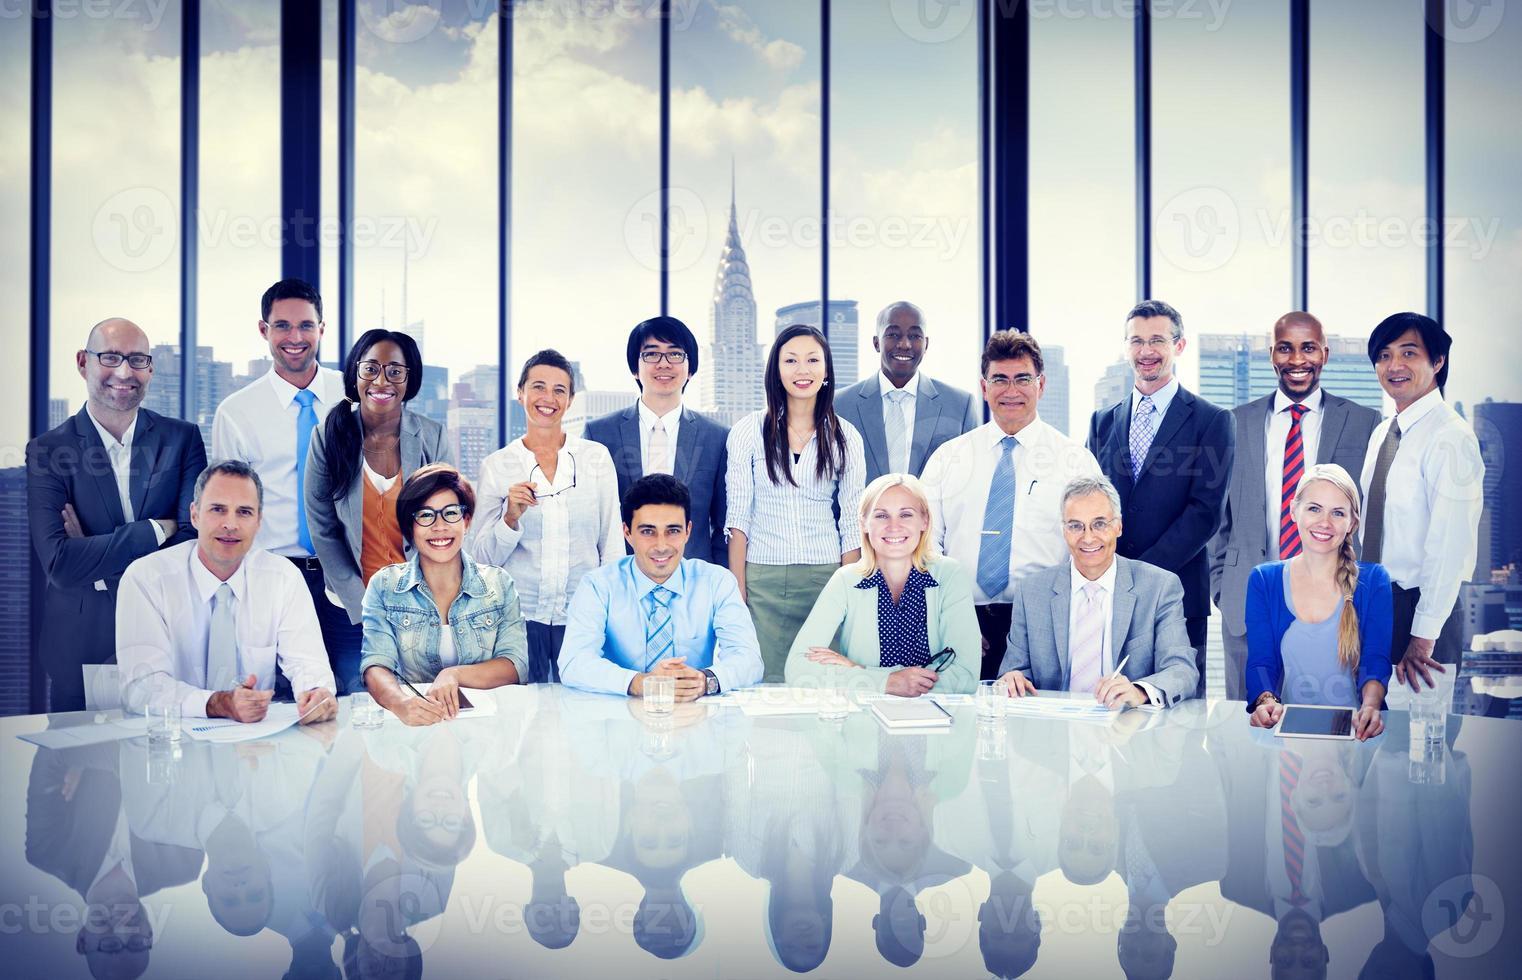 zakenmensen diversiteit team corporate professional office con foto